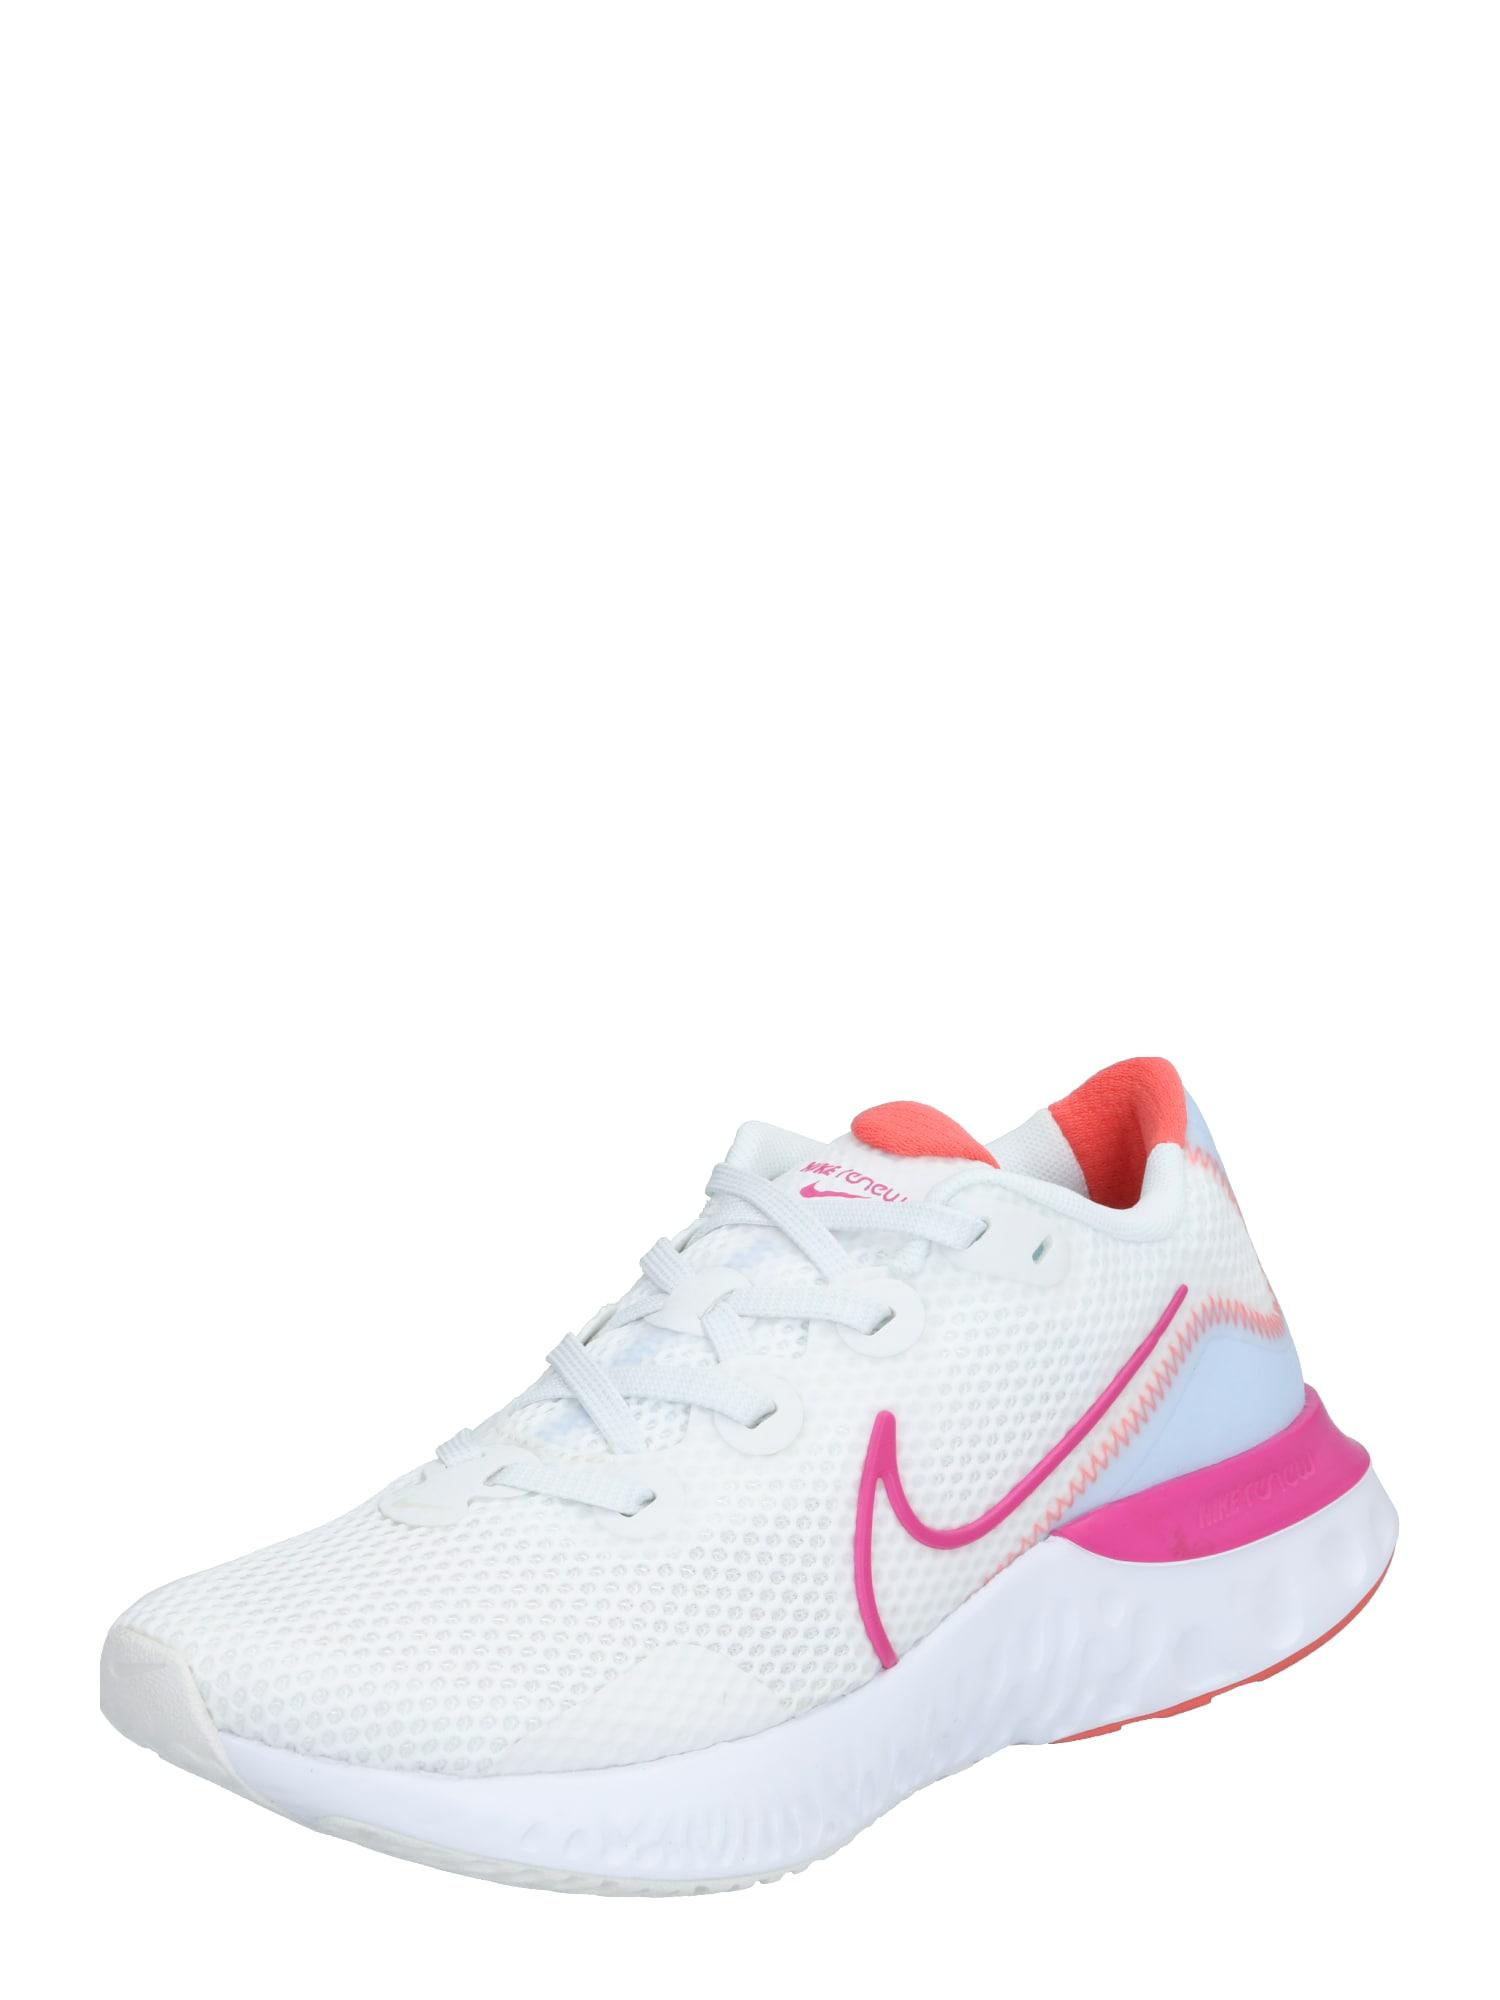 NIKE Bėgimo batai 'Renew Run' šviesiai mėlyna / balta / rožinė